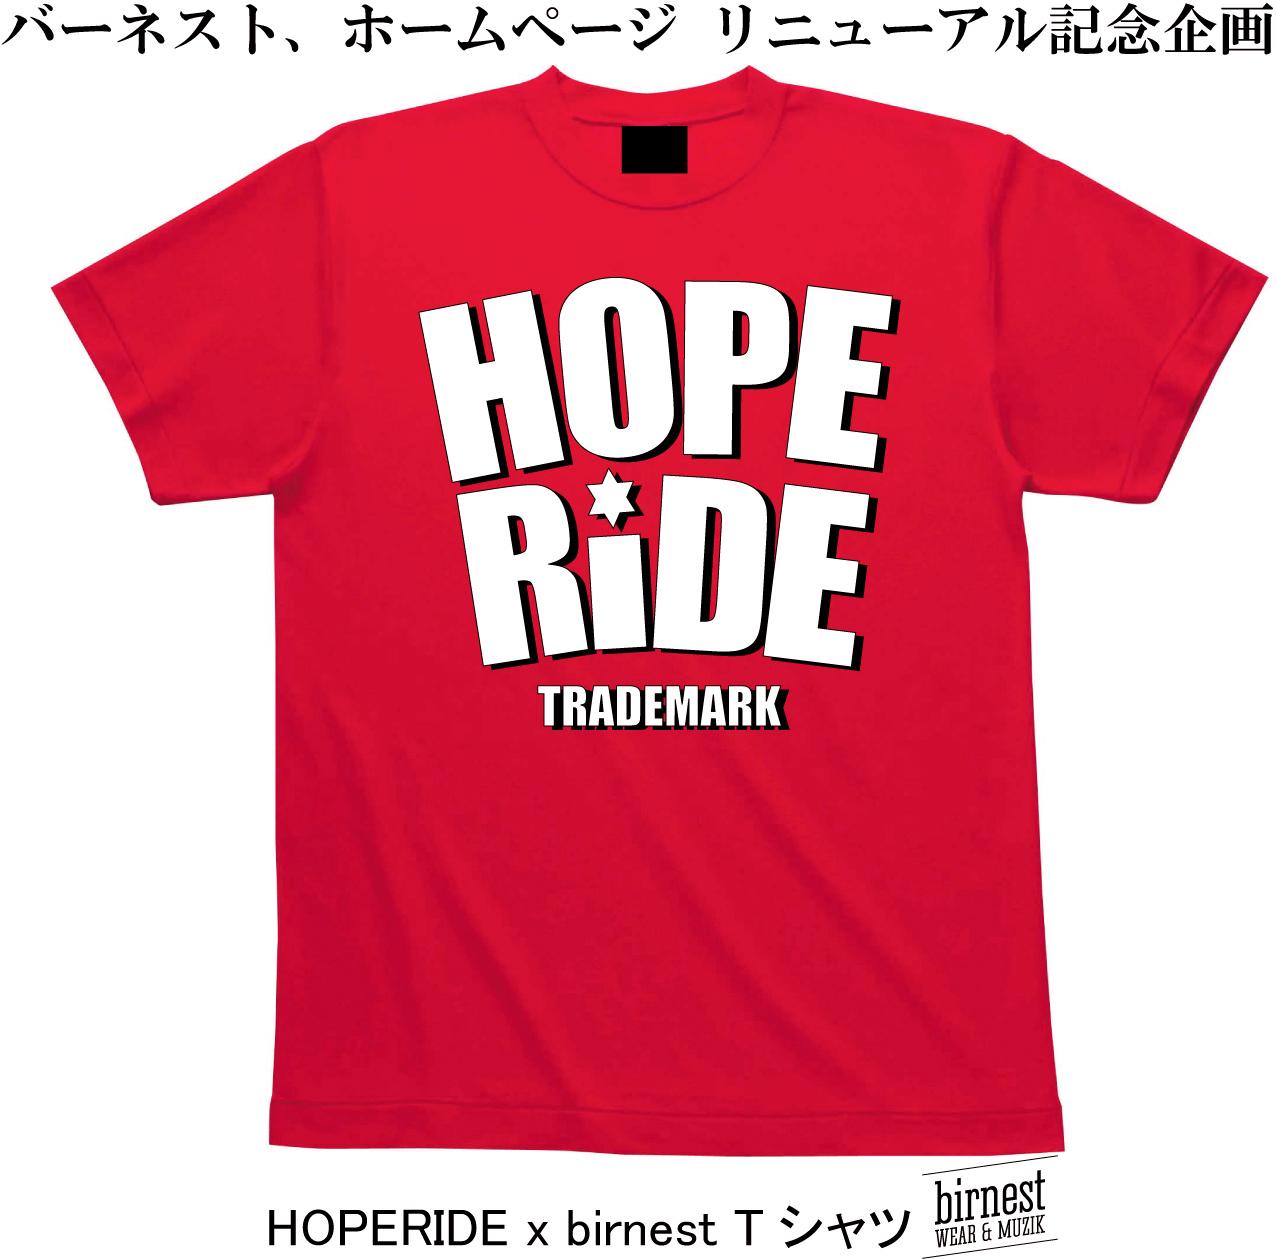 HPRD14-TEEo1yoyakured